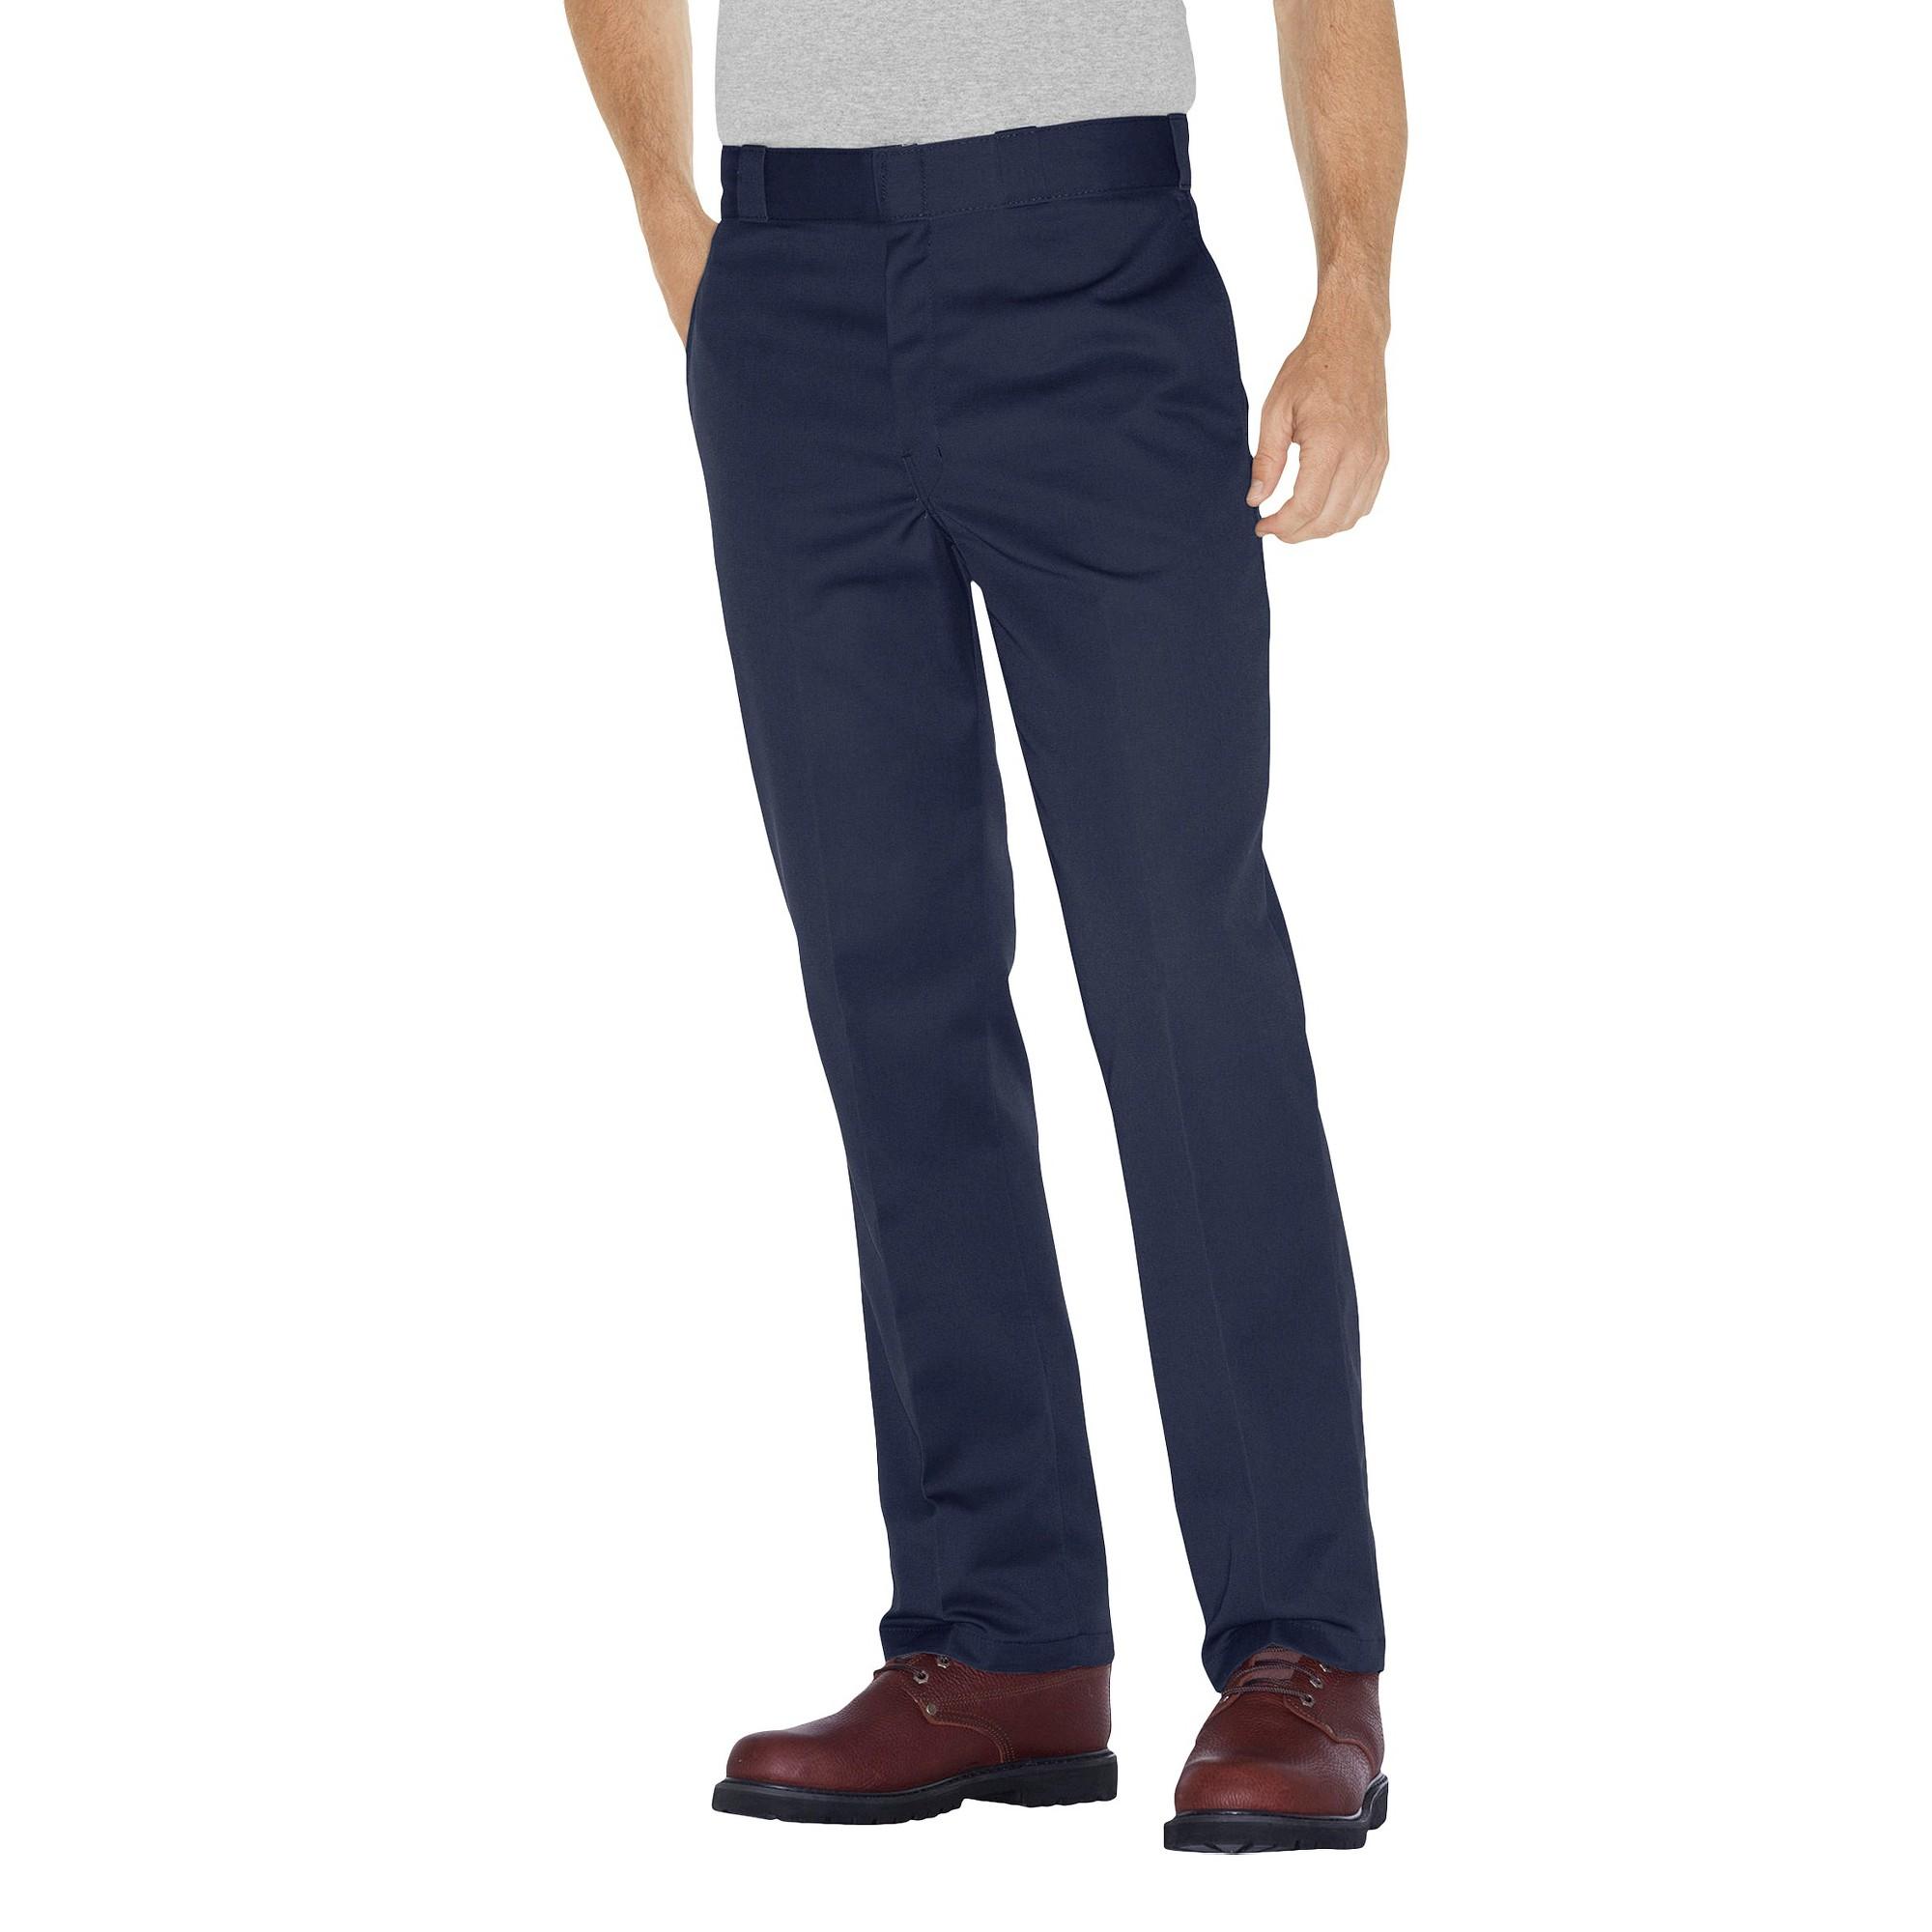 Dickies - Men's Big & Tall Original Fit 874 Twill Pants Dark Navy 36x36